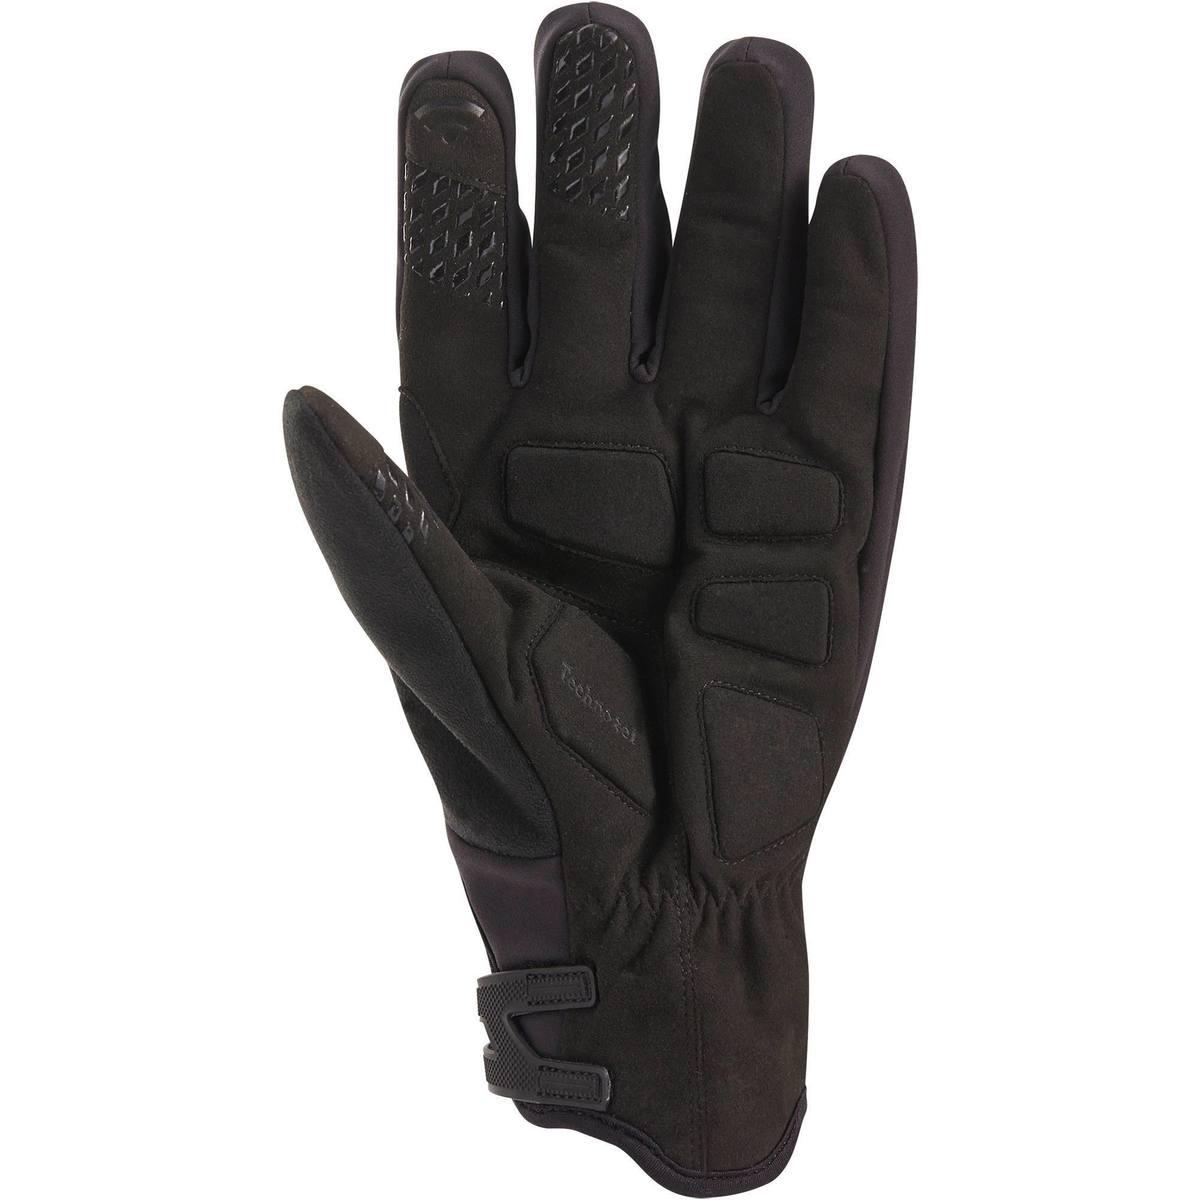 Bild 2 von Fahrrad-Winterhandschuhe 700 schwarz